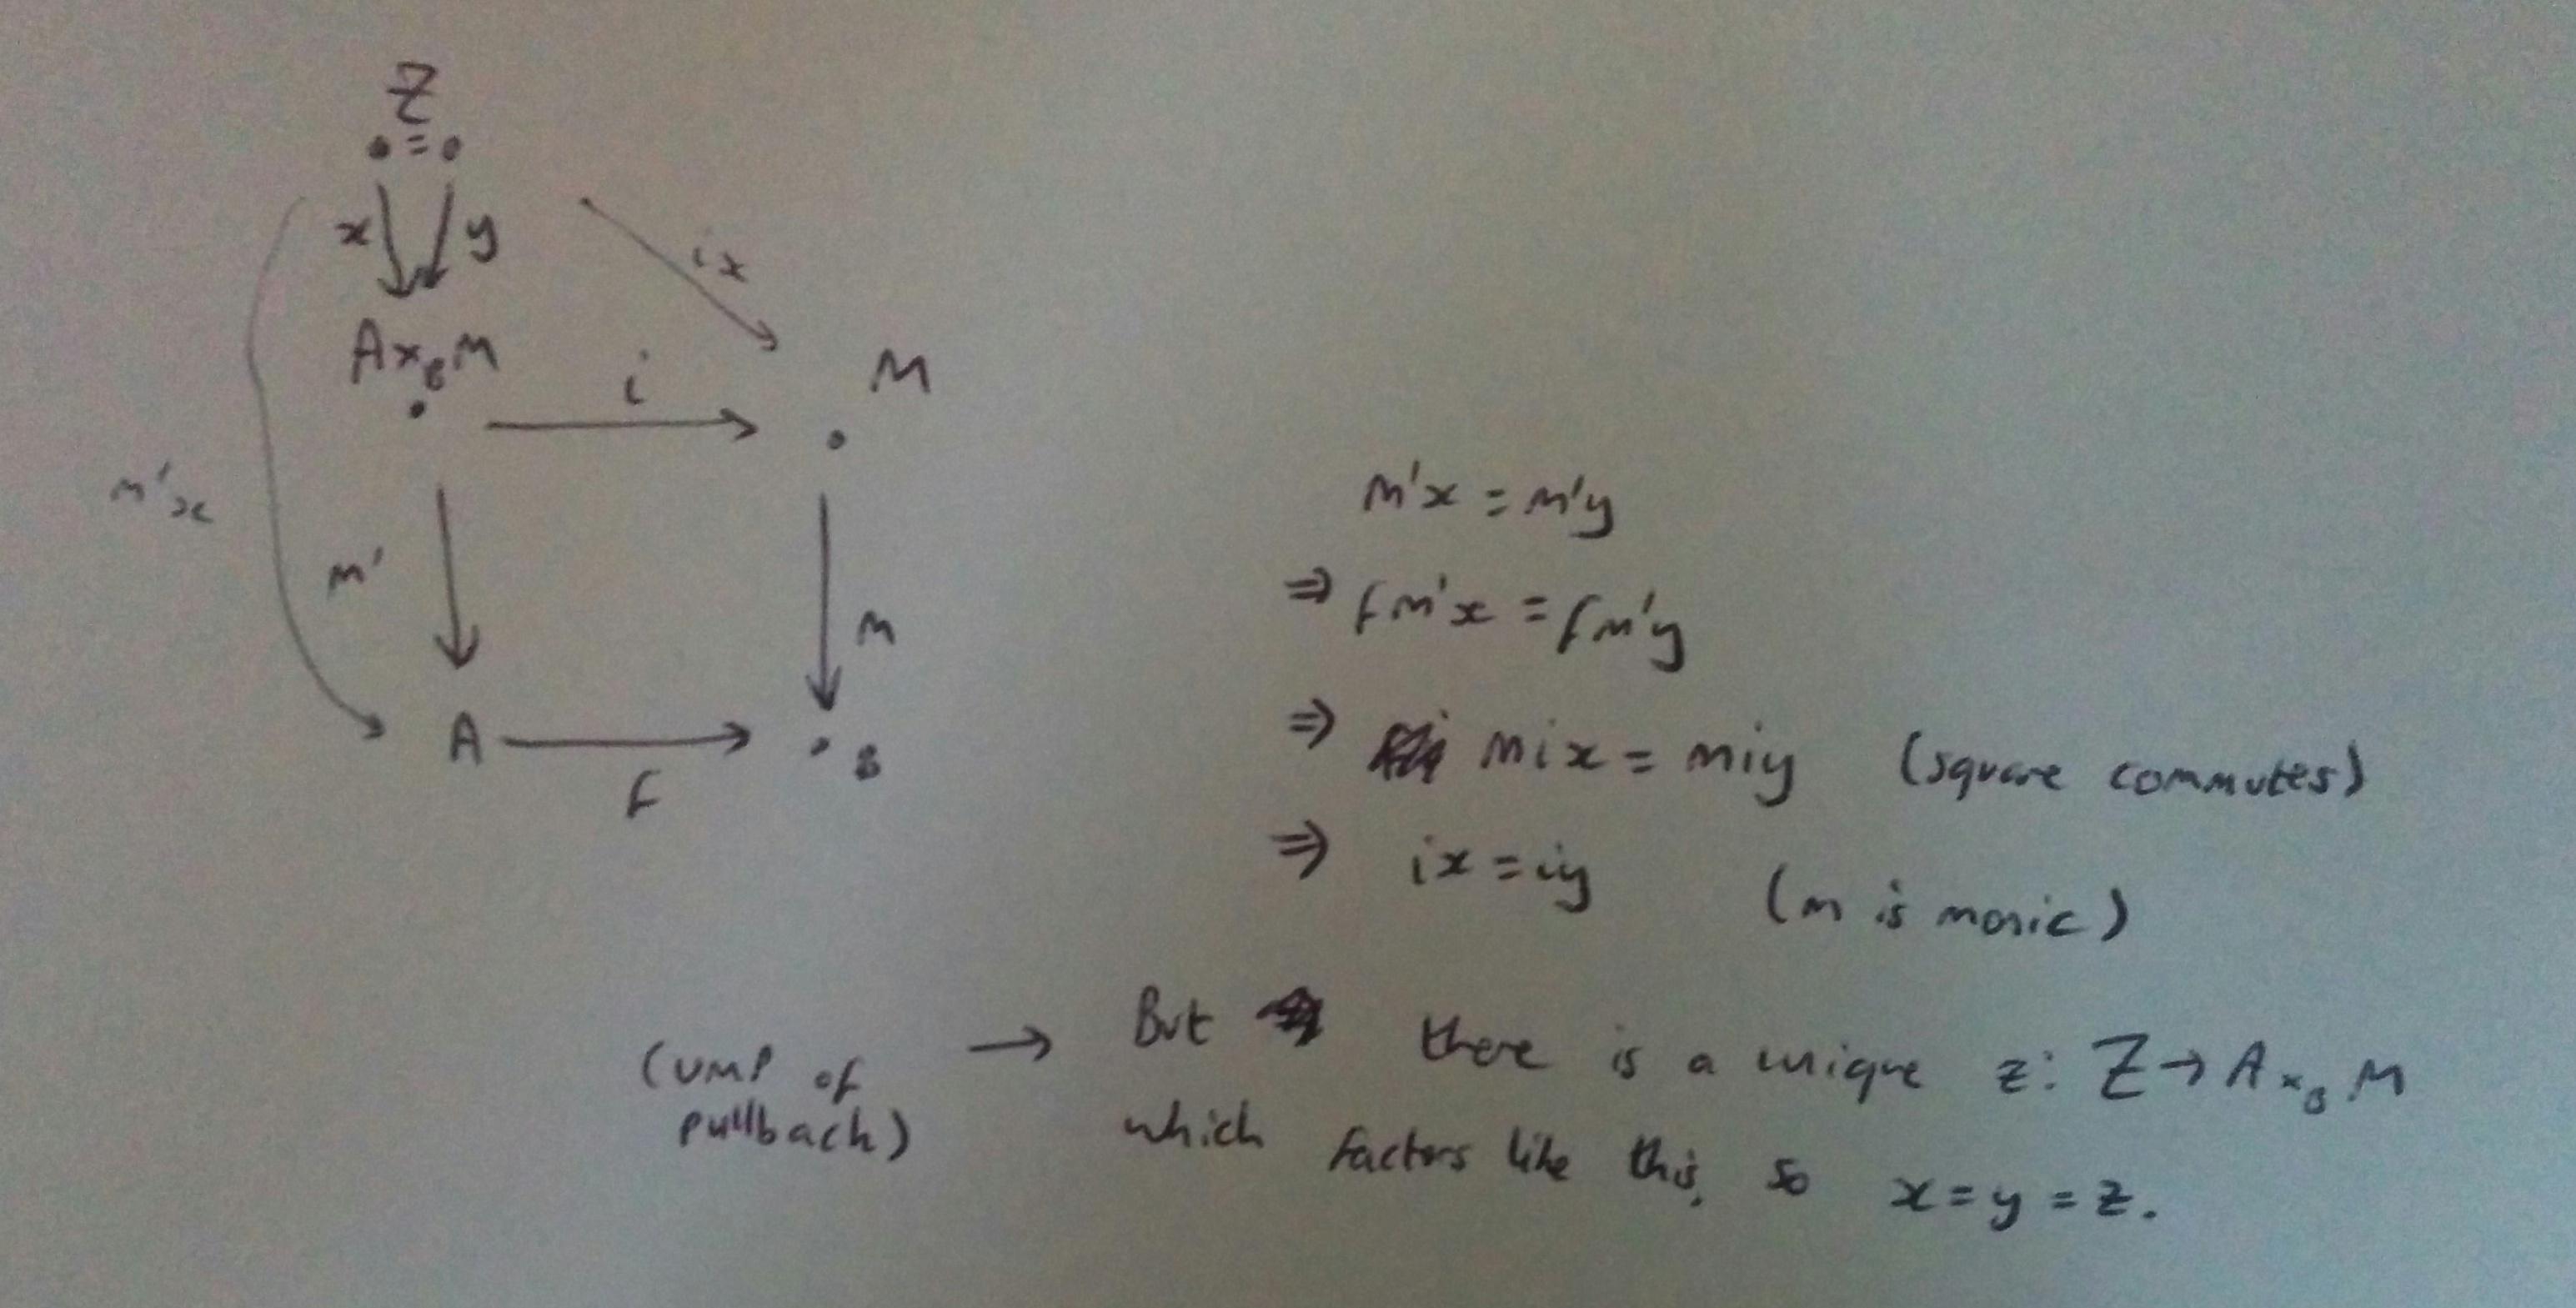 Monic implies parallel arrow is monic in a pullback